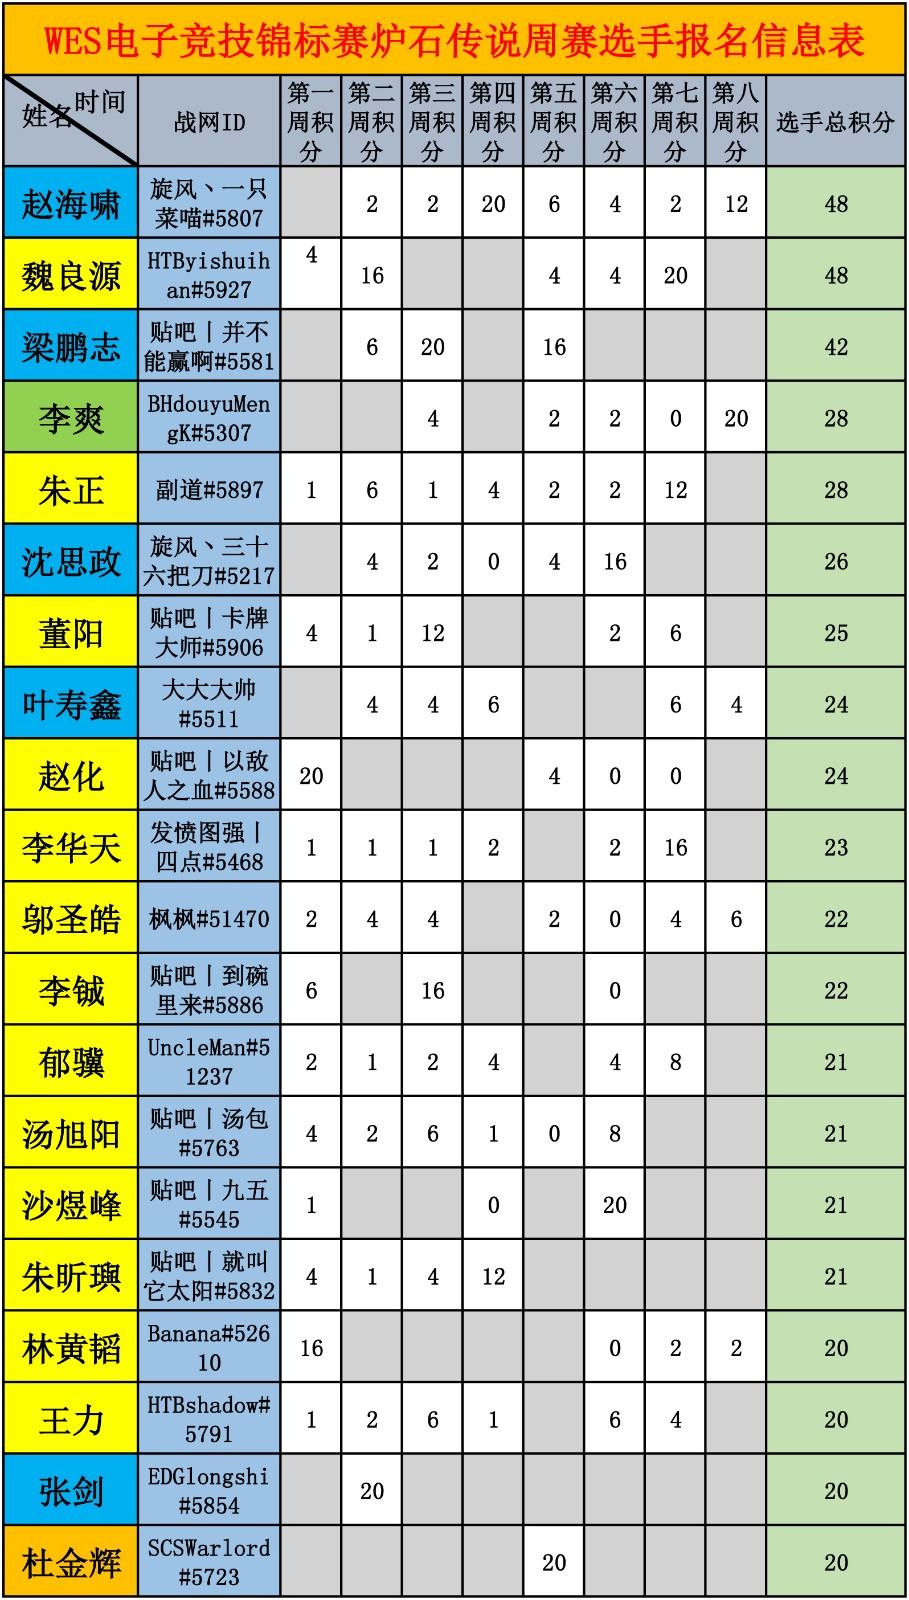 WES炉石传说选手积分统计-1.jpg